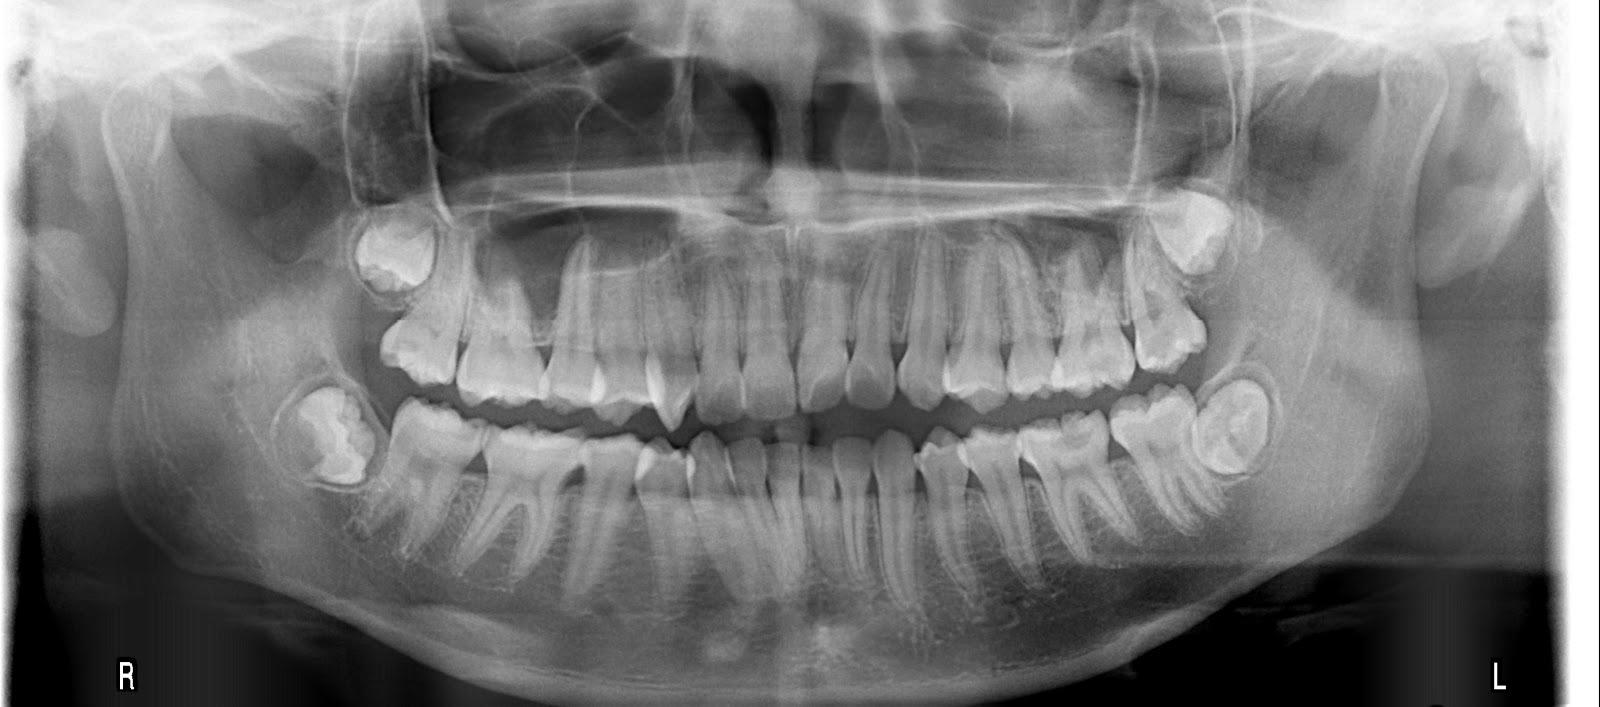 宏 興 牙 醫 診 所: 智齒一定要拔嗎?